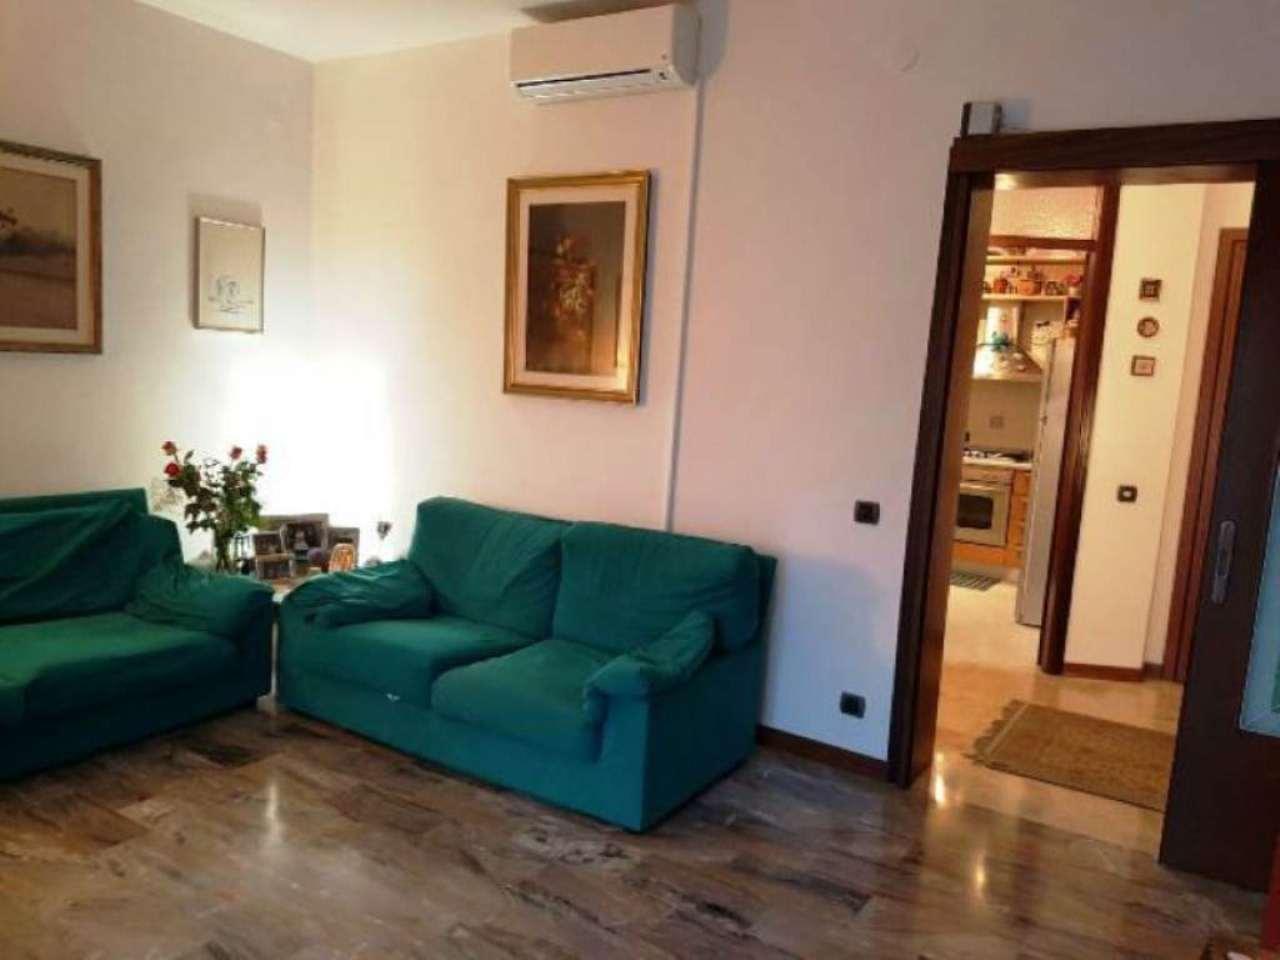 Appartamento in vendita a Spinea, 5 locali, prezzo € 138.000 | Cambio Casa.it